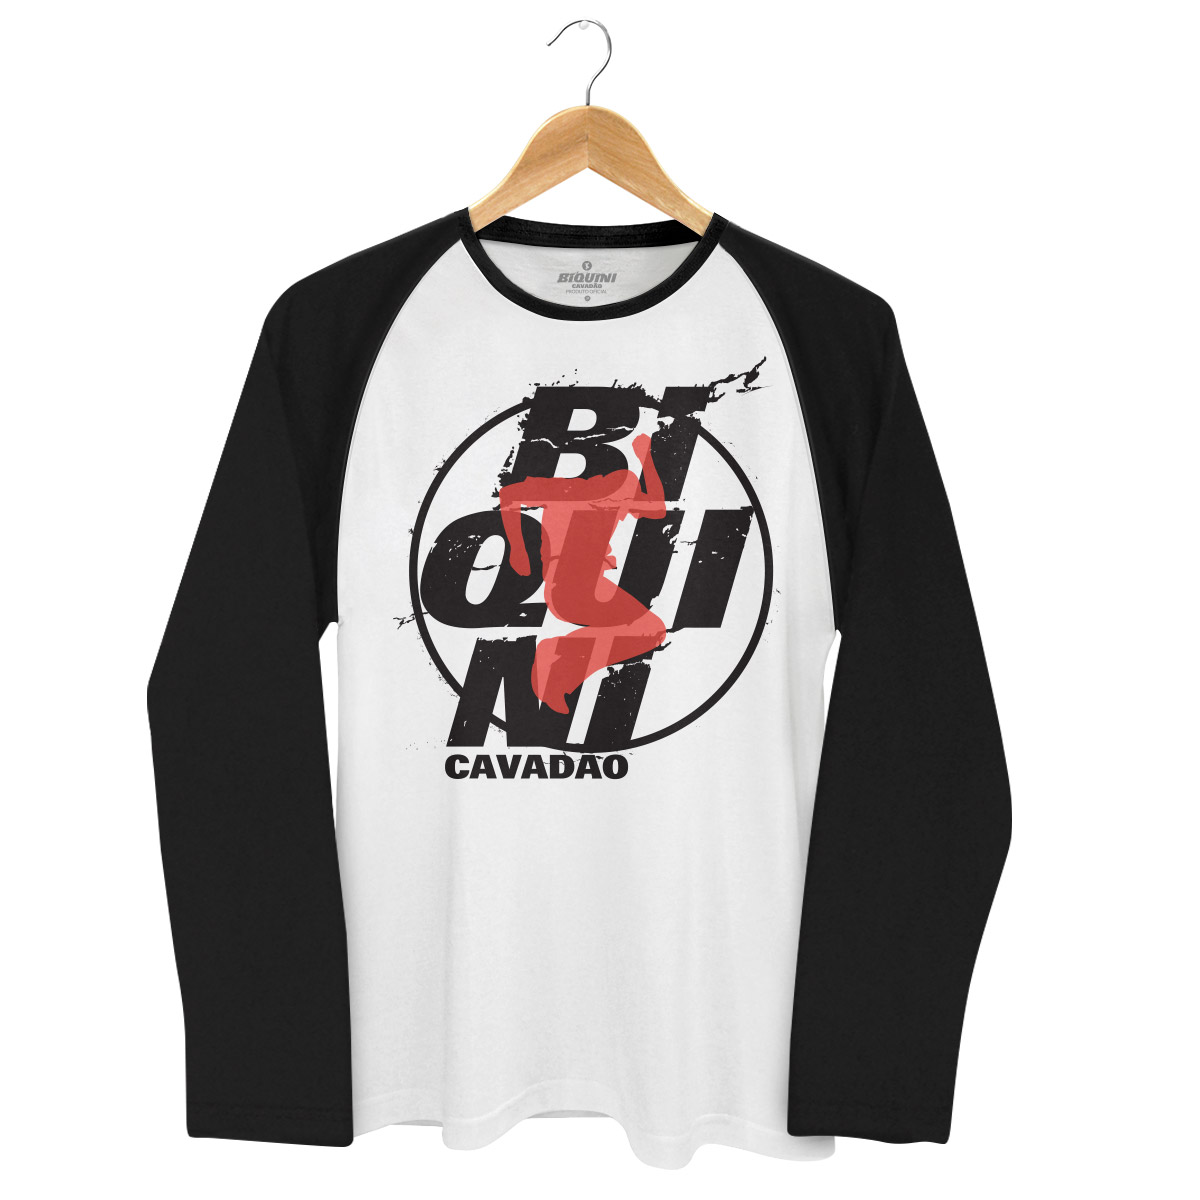 Camiseta Raglan Masculina Biquini Cavadão Logo Ao Vivo